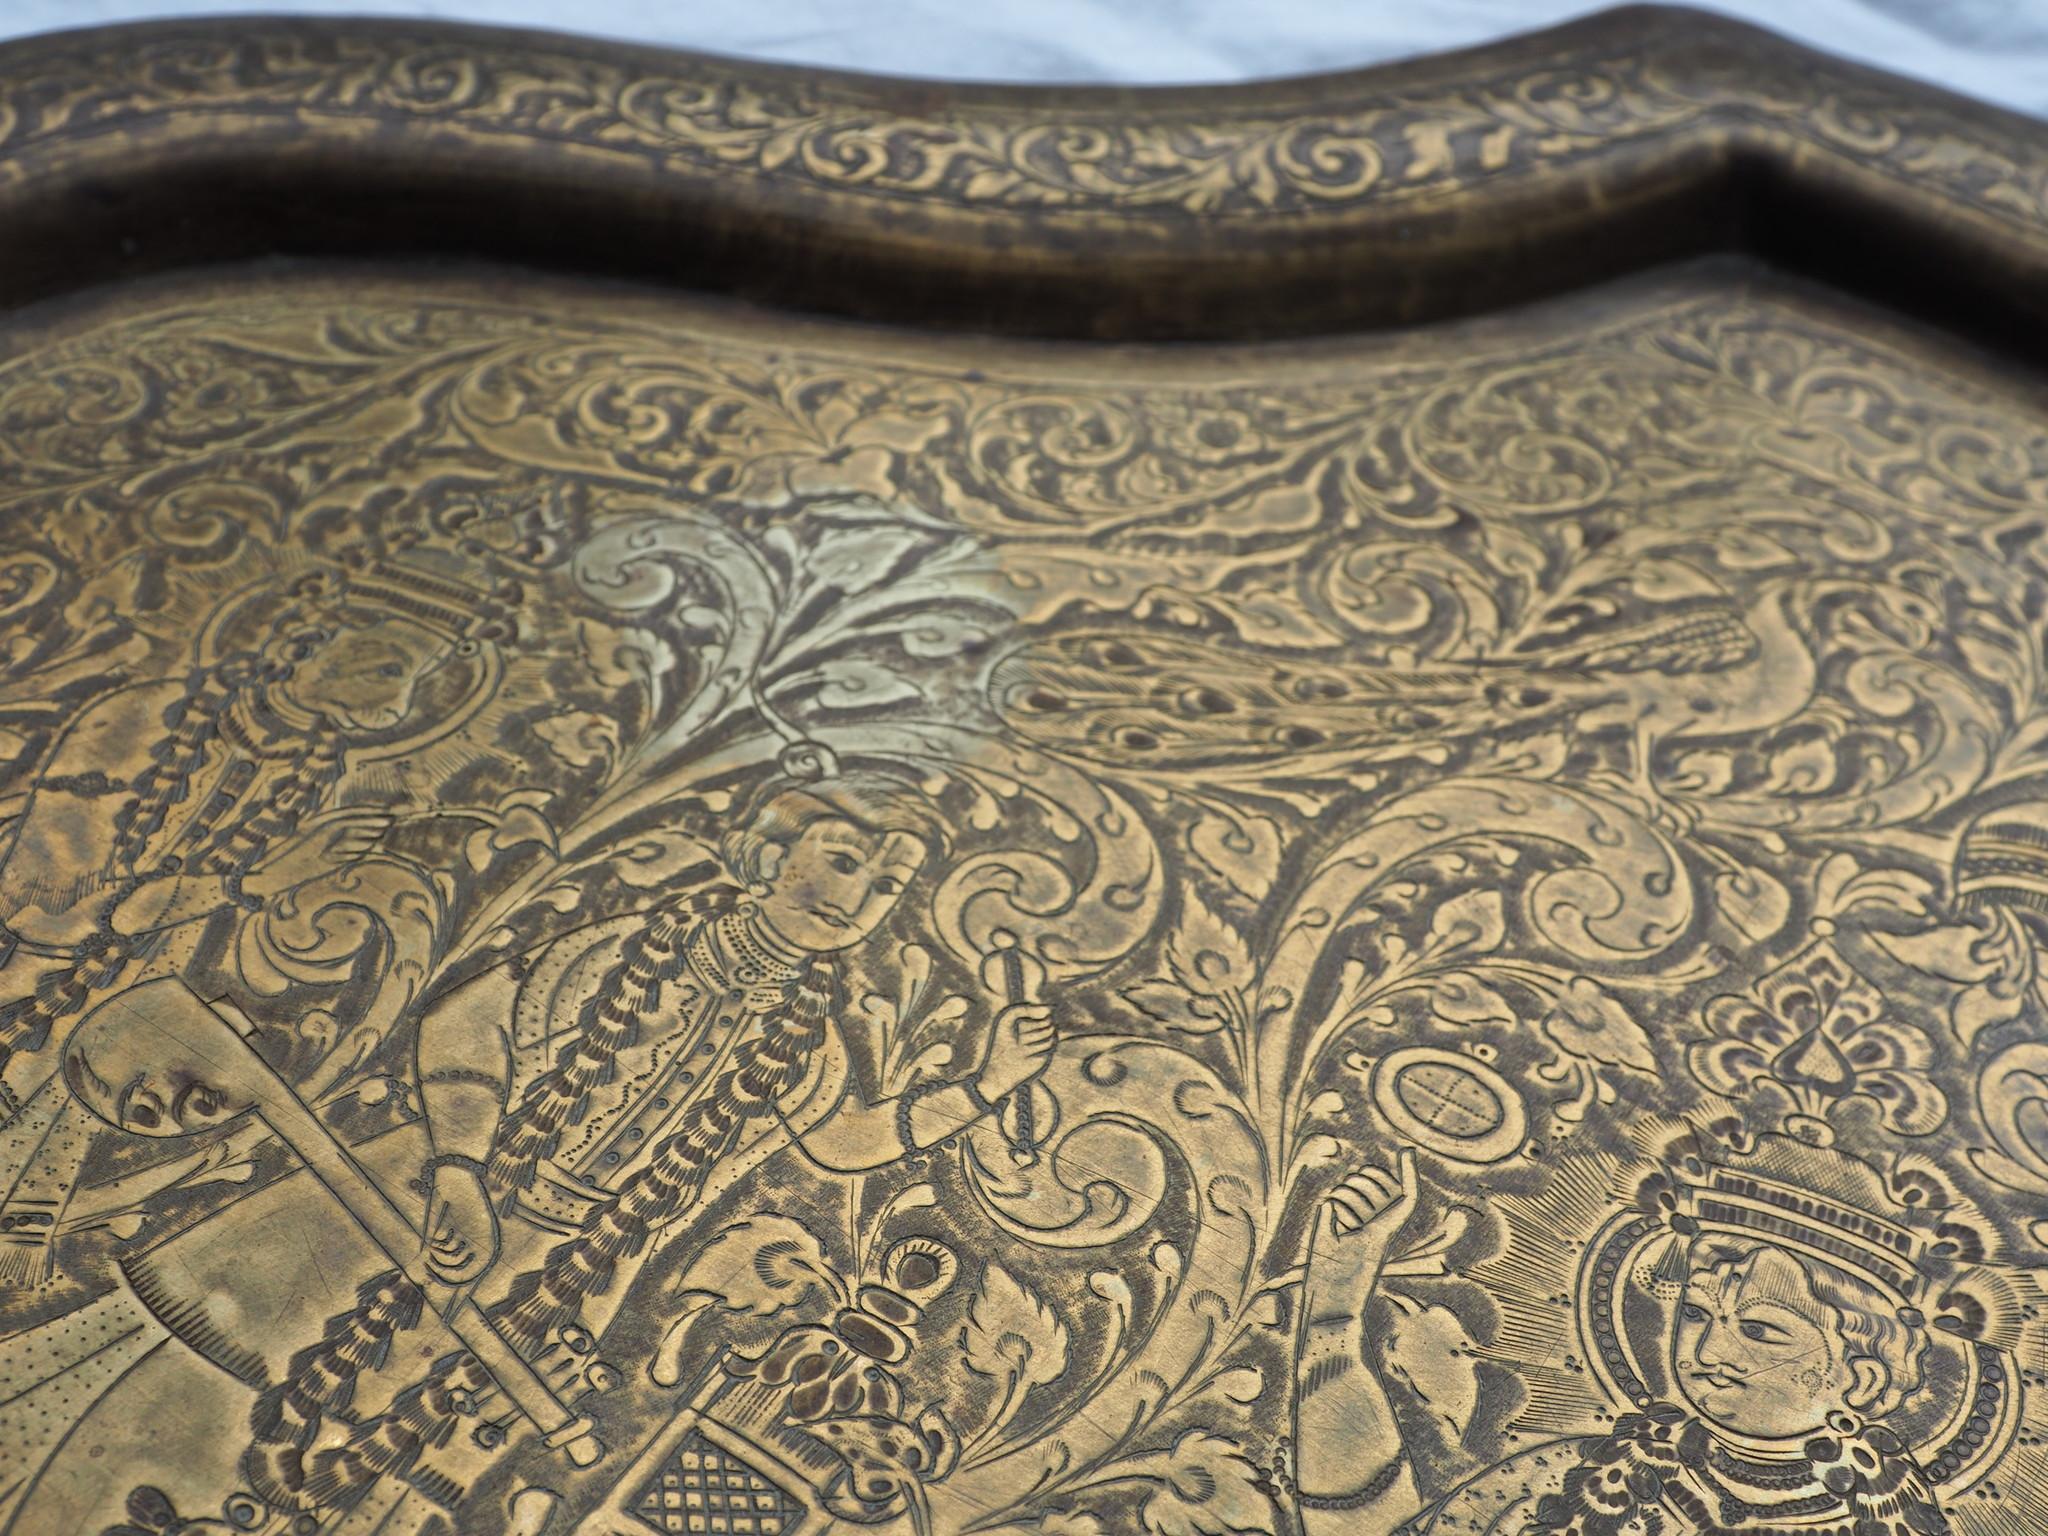 60x45 cm antik Massiv Messing orient tablett Teetisch wandteller indien gottheiten